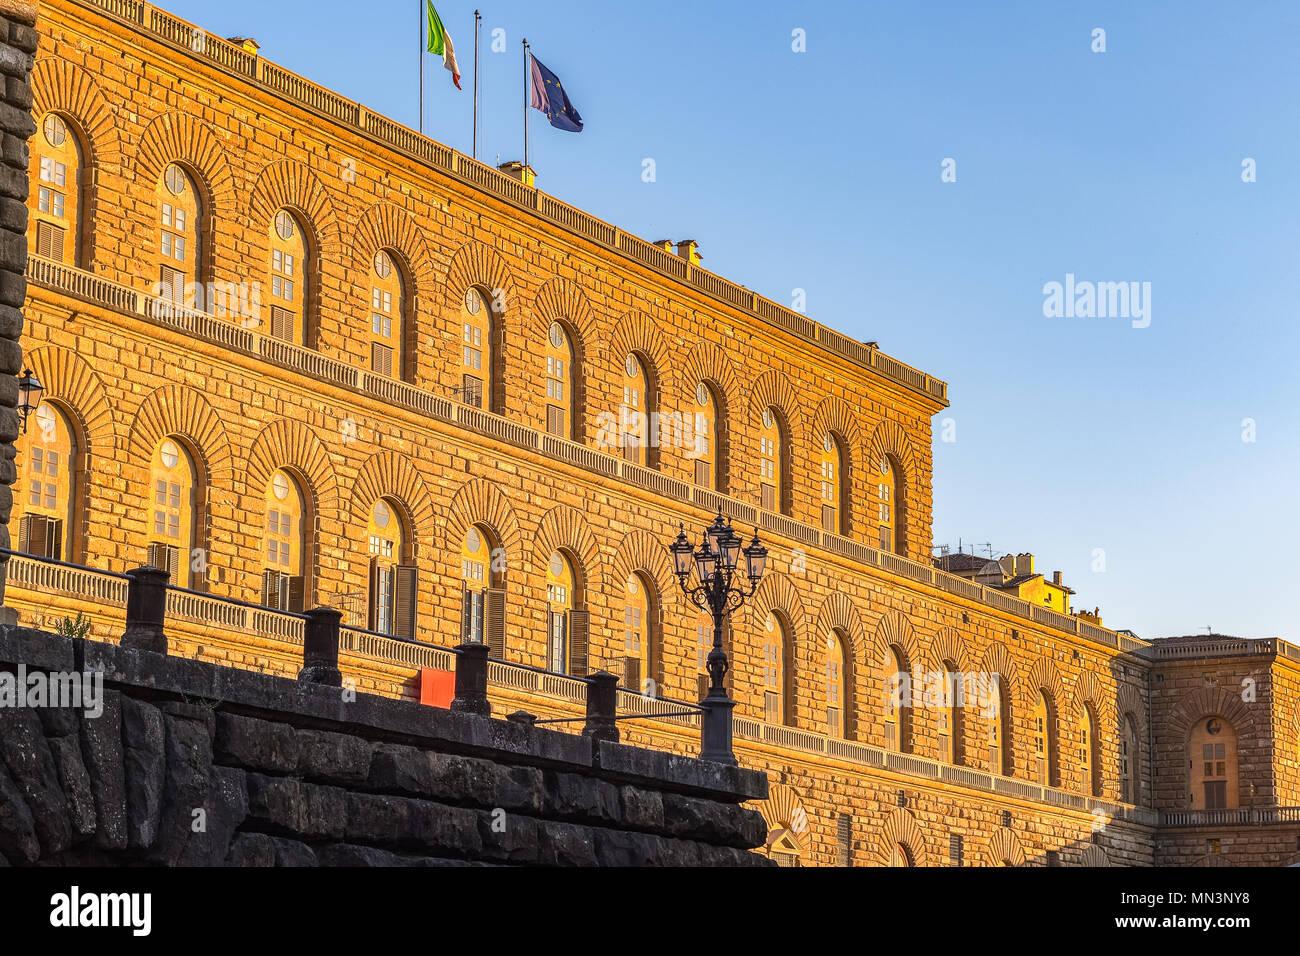 Goldenes Sonnenlicht auf die Fassade des Palazzo Pitti (Palazzo Pitti) in Florenz, Italien, bei Sonnenuntergang Stockbild